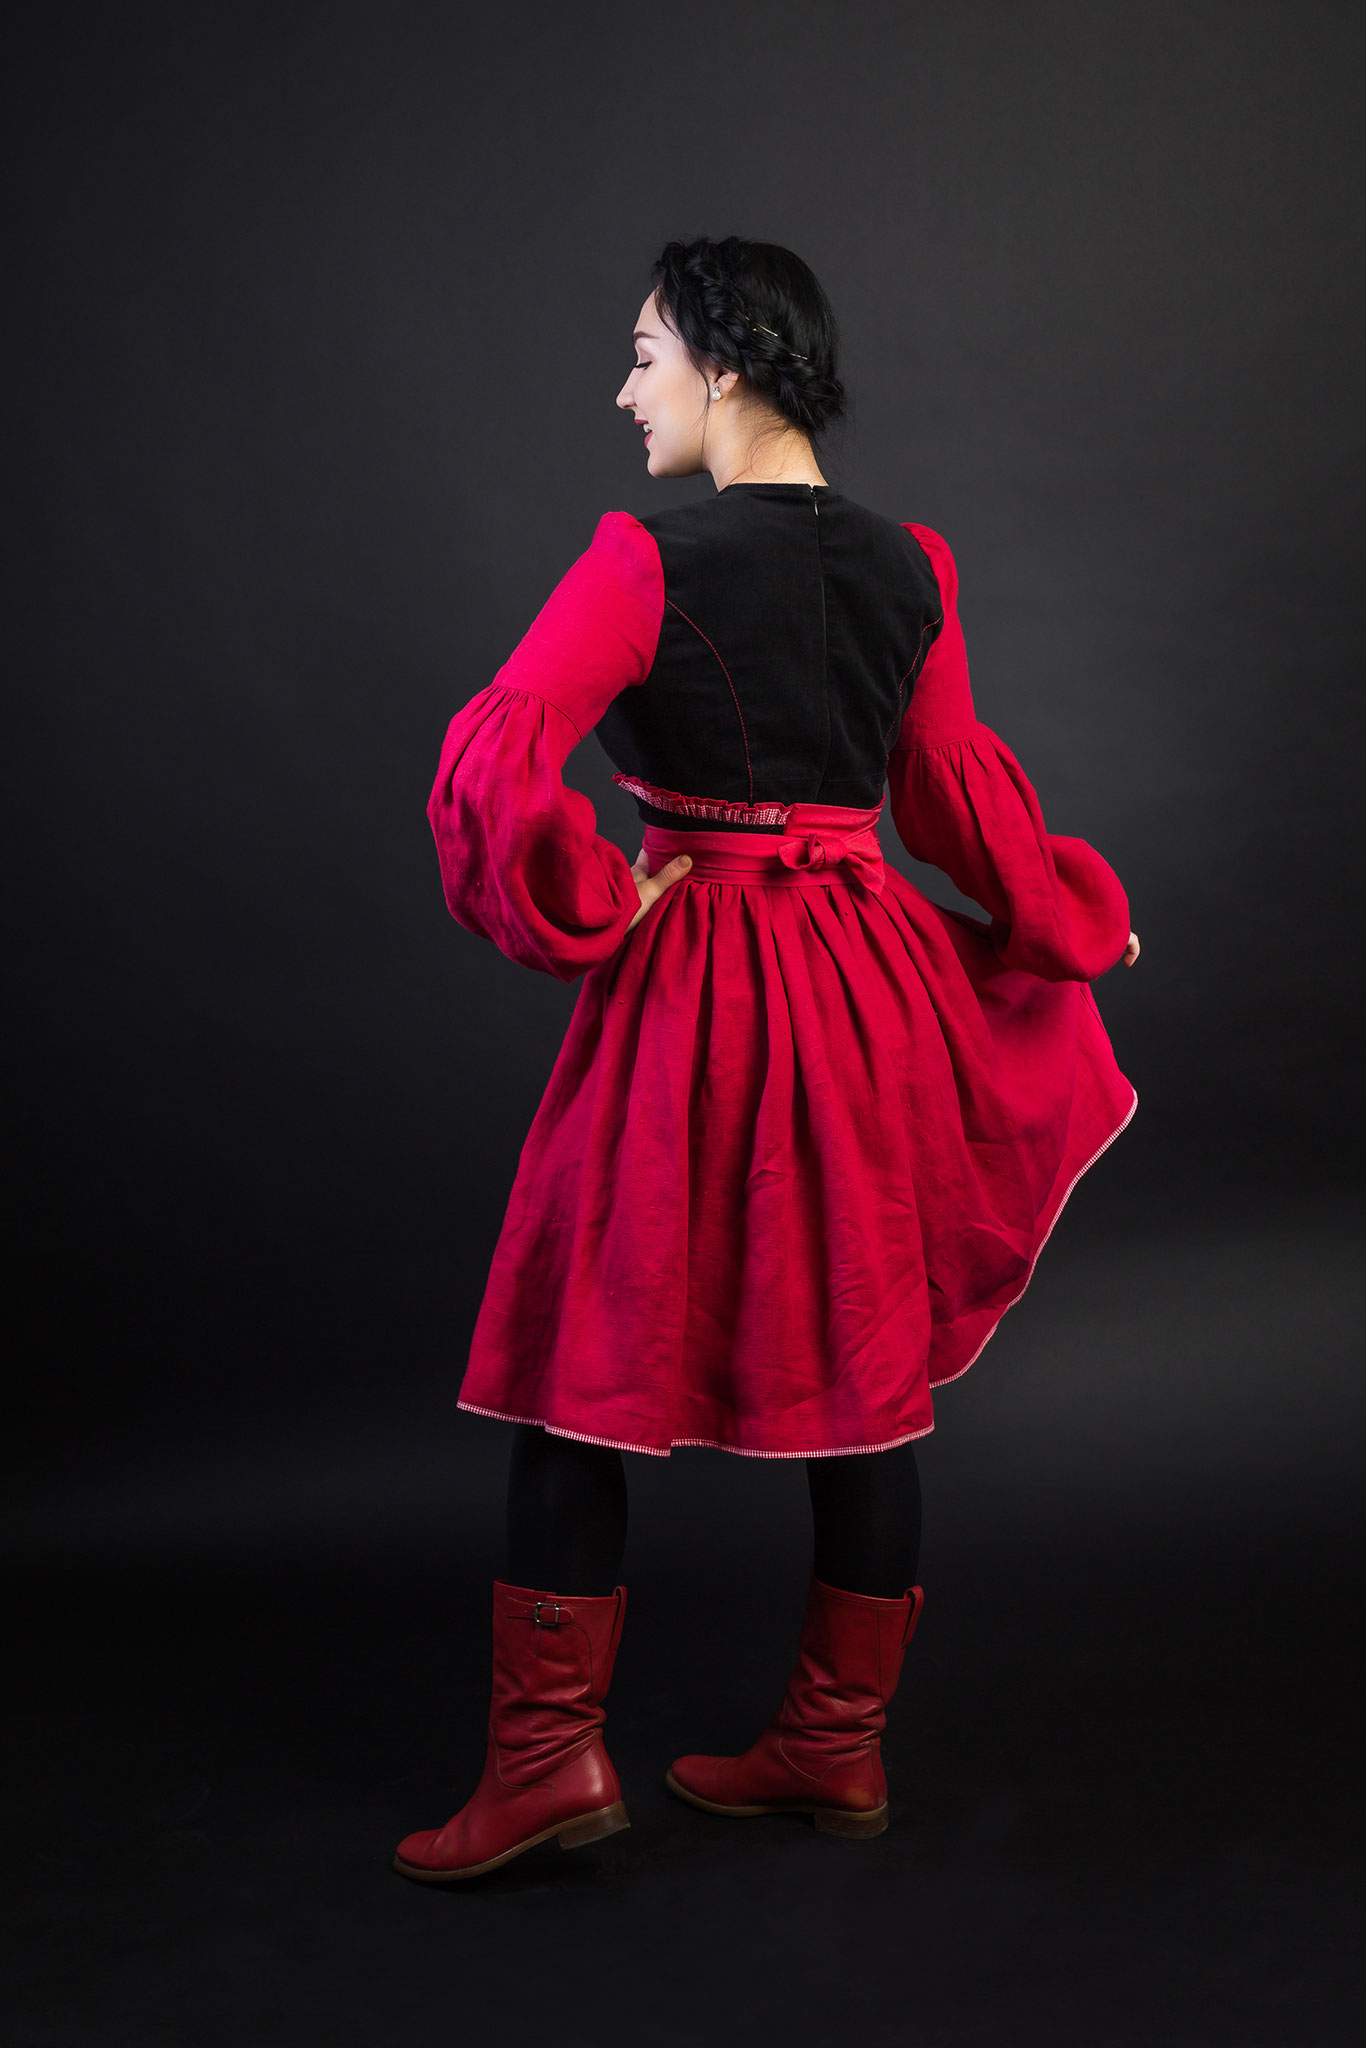 платье в русском стиле, русская одежда, русское платье